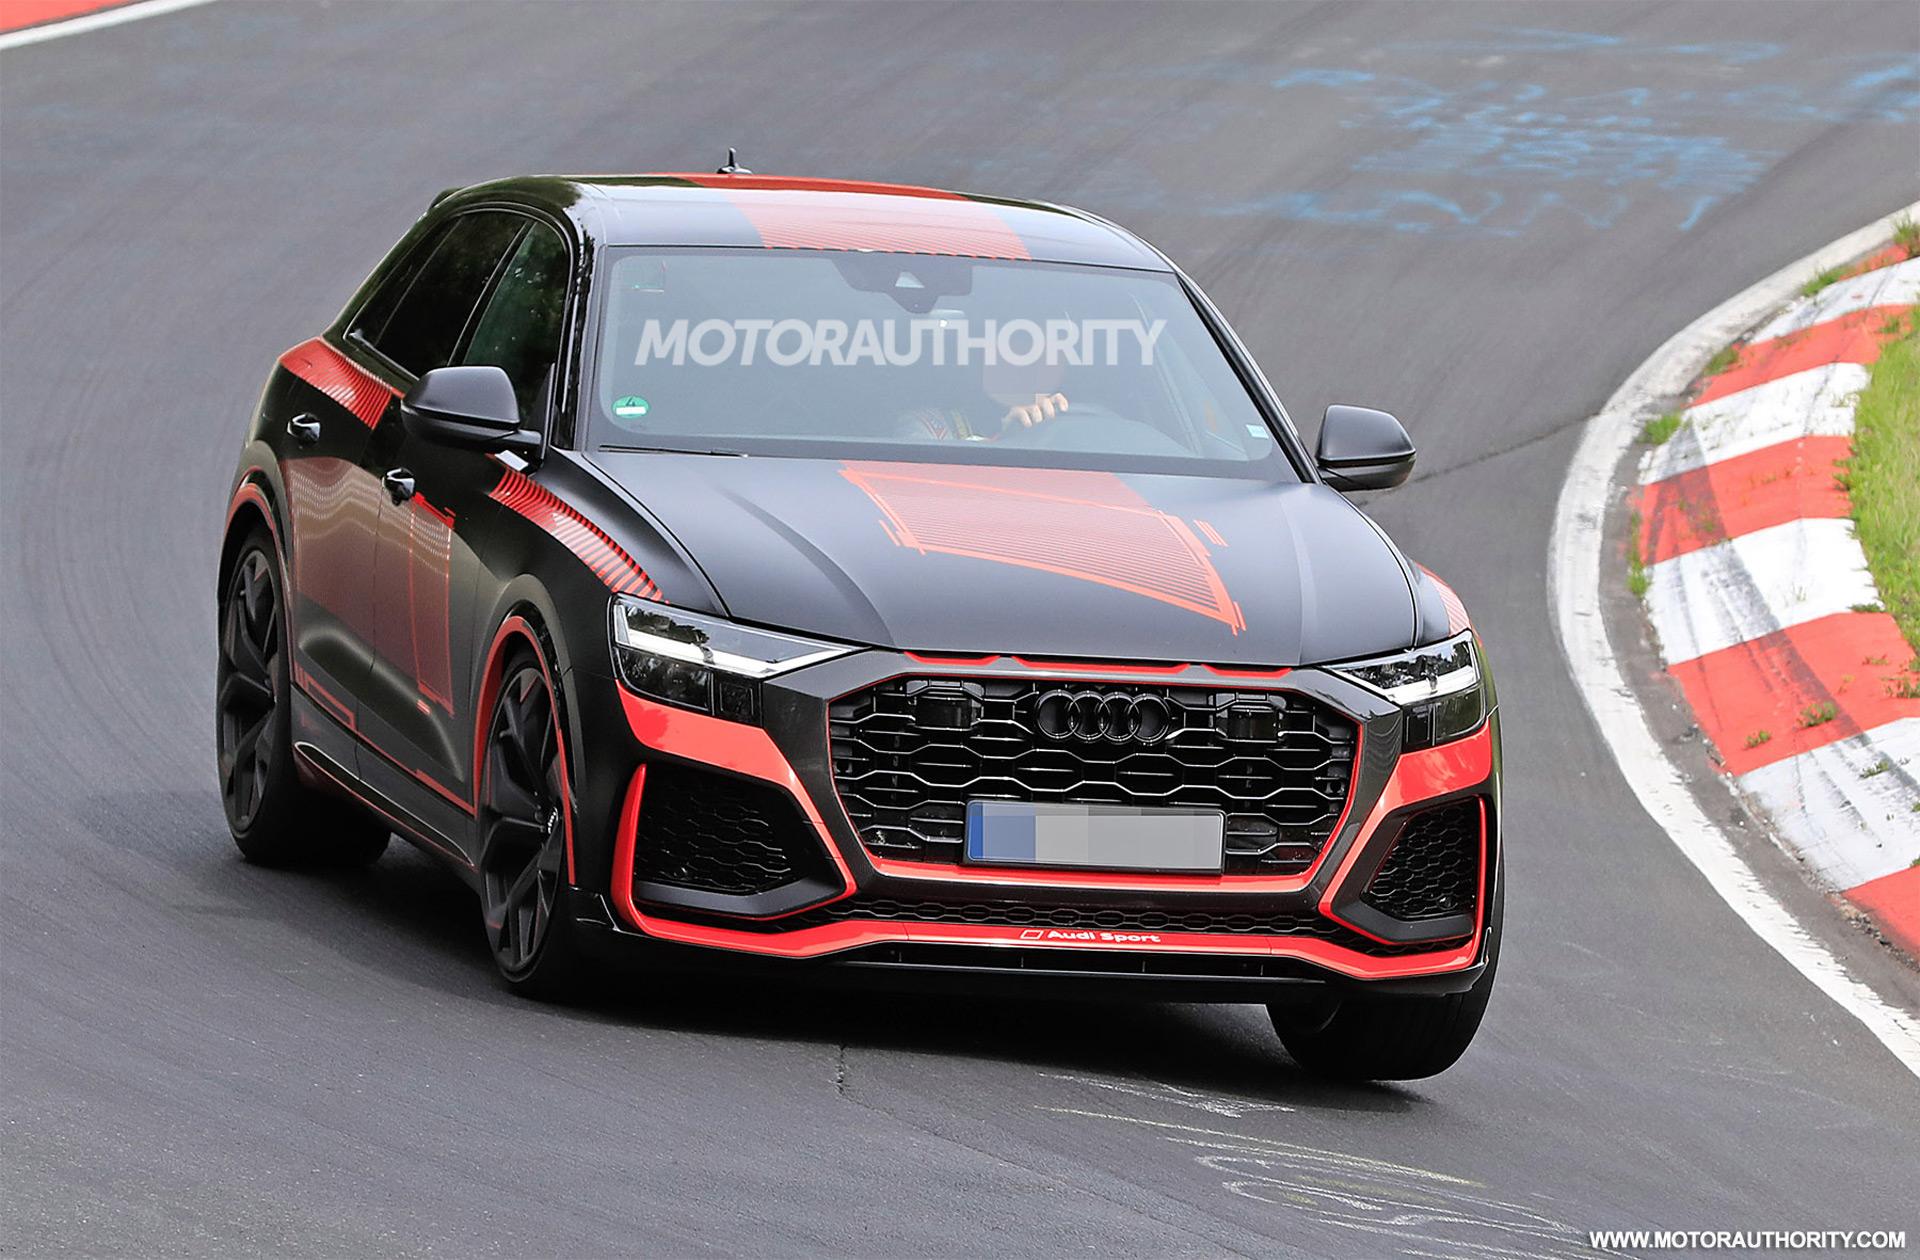 2020 Audi RS Q8 spy shots and video 1920x1260